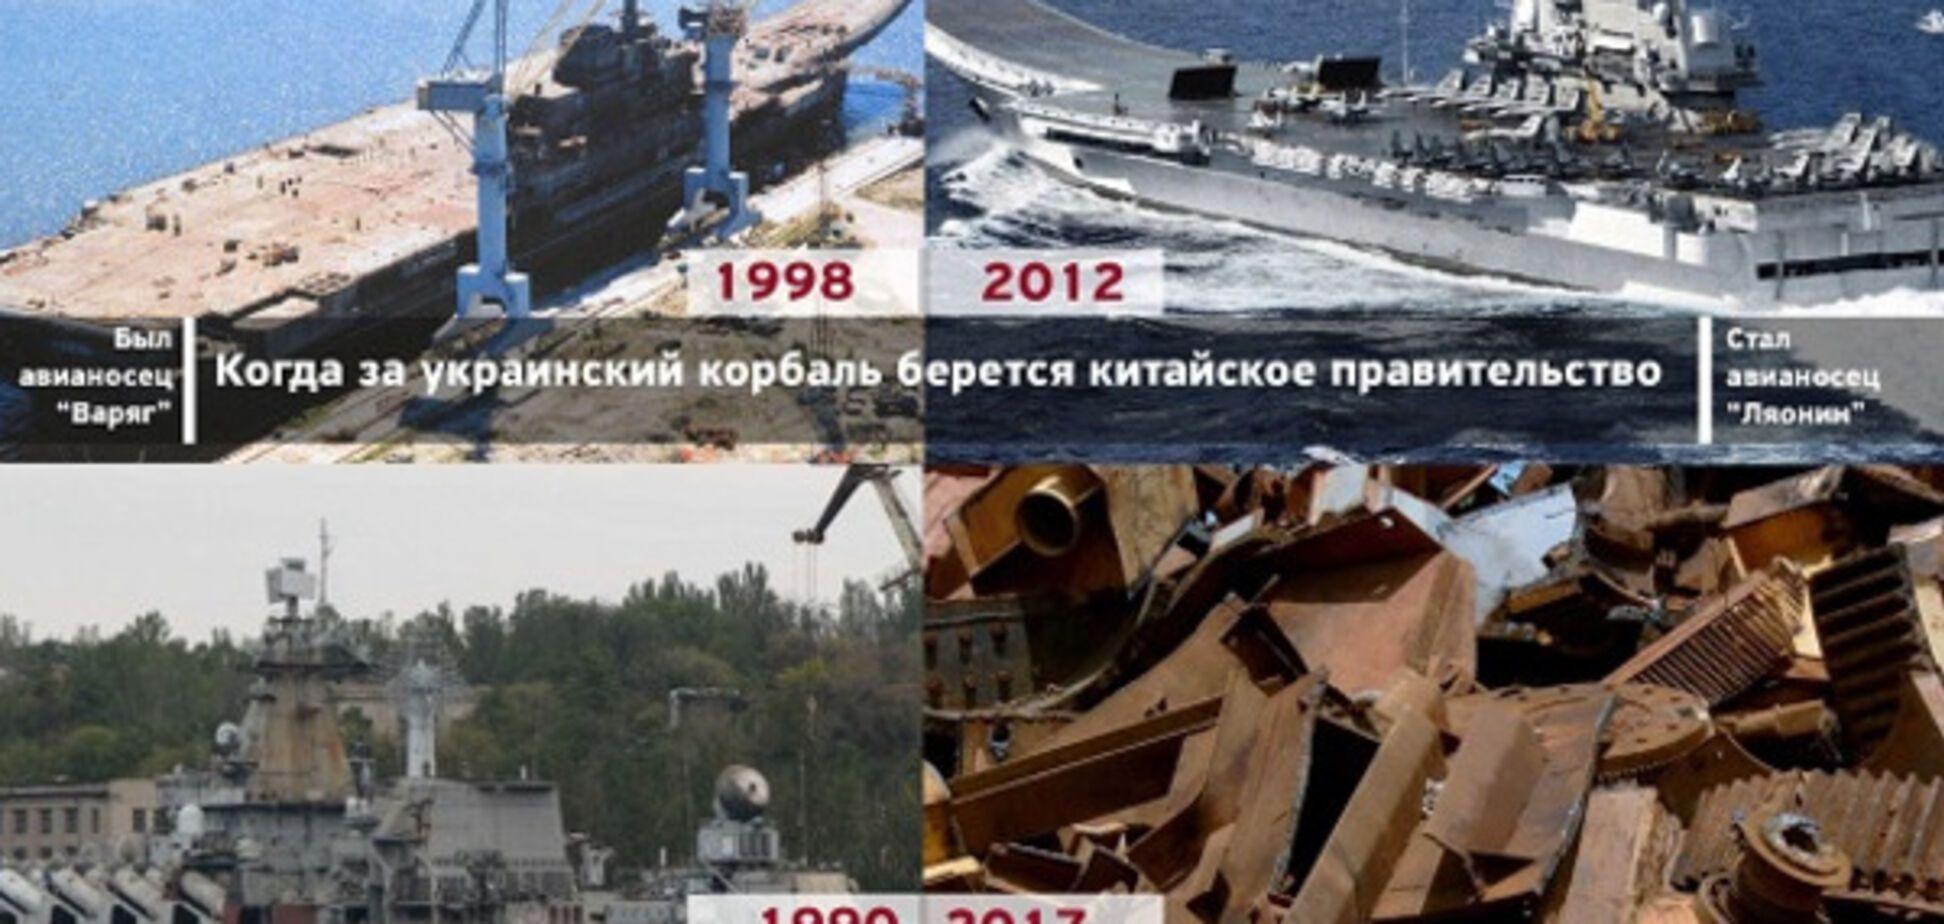 Достроить 'Украину': Коновалюк предложил отказаться от списывания крейсера на металлолом